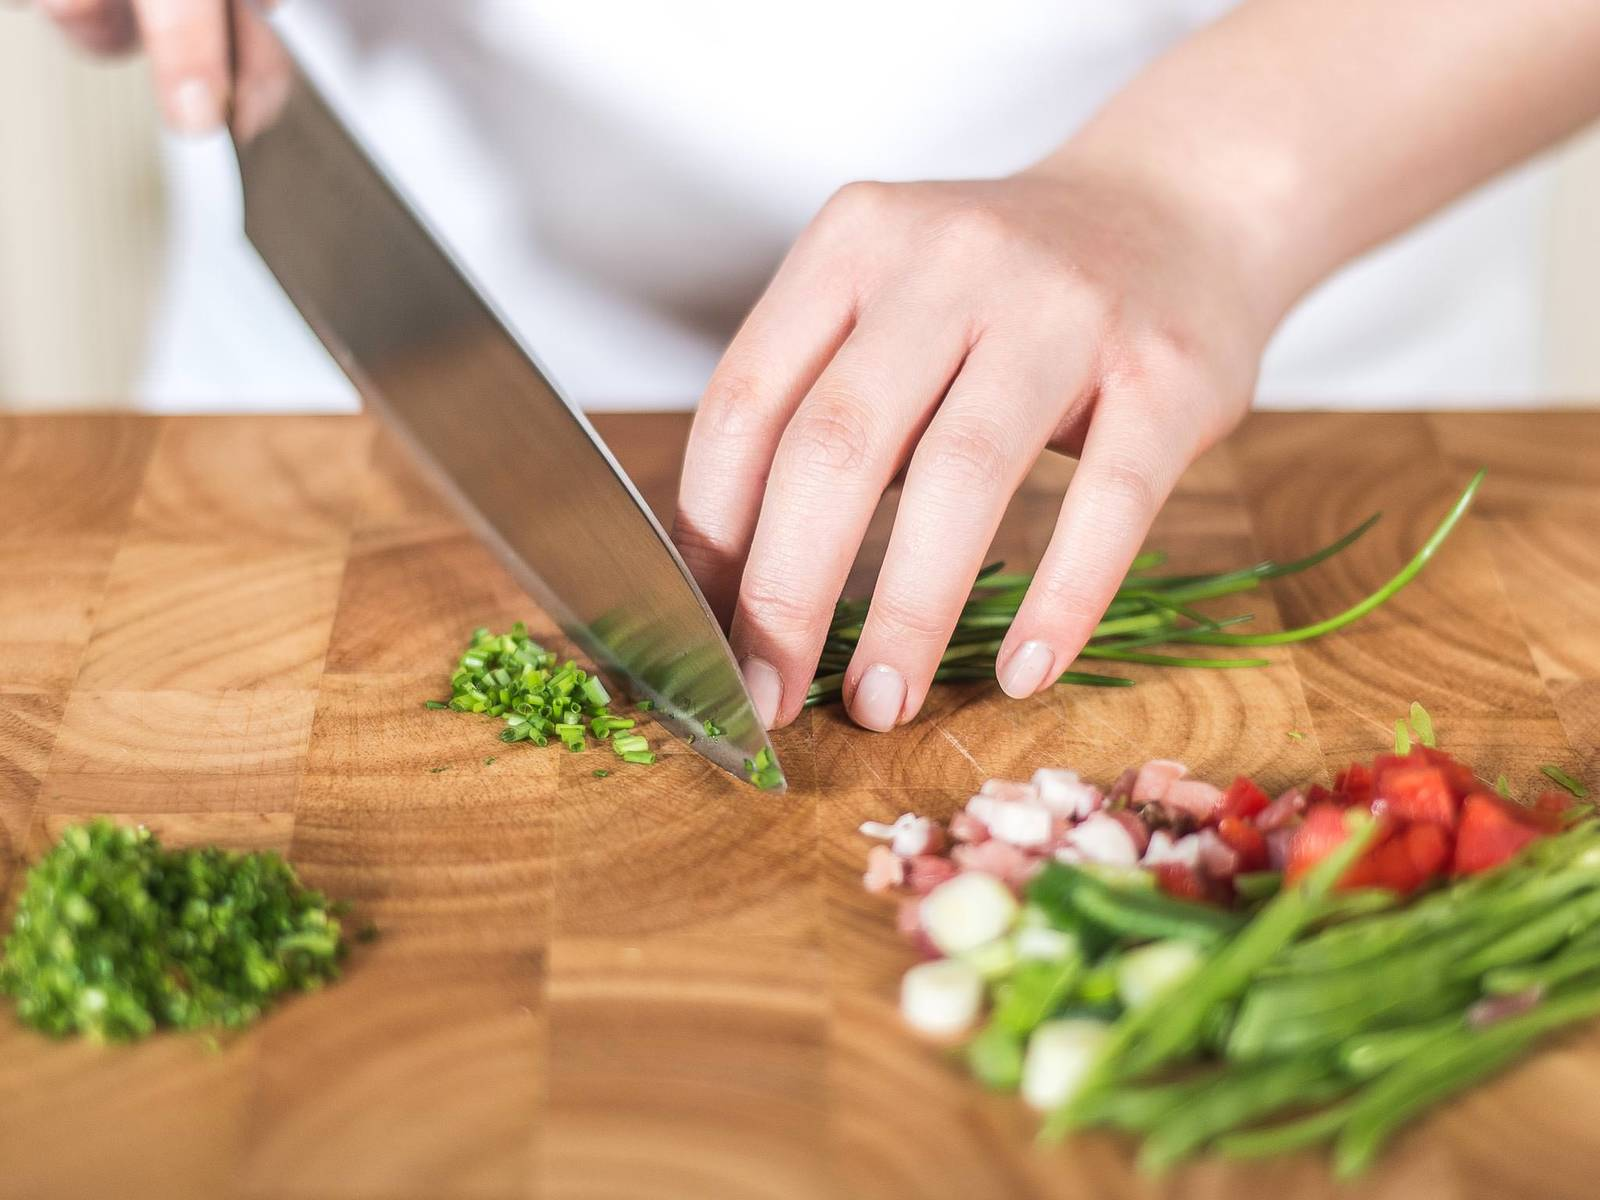 将烤箱预热至180摄氏度。火腿和灯笼椒切丁,小葱和香葱切成细圈,荷兰豆切丝。